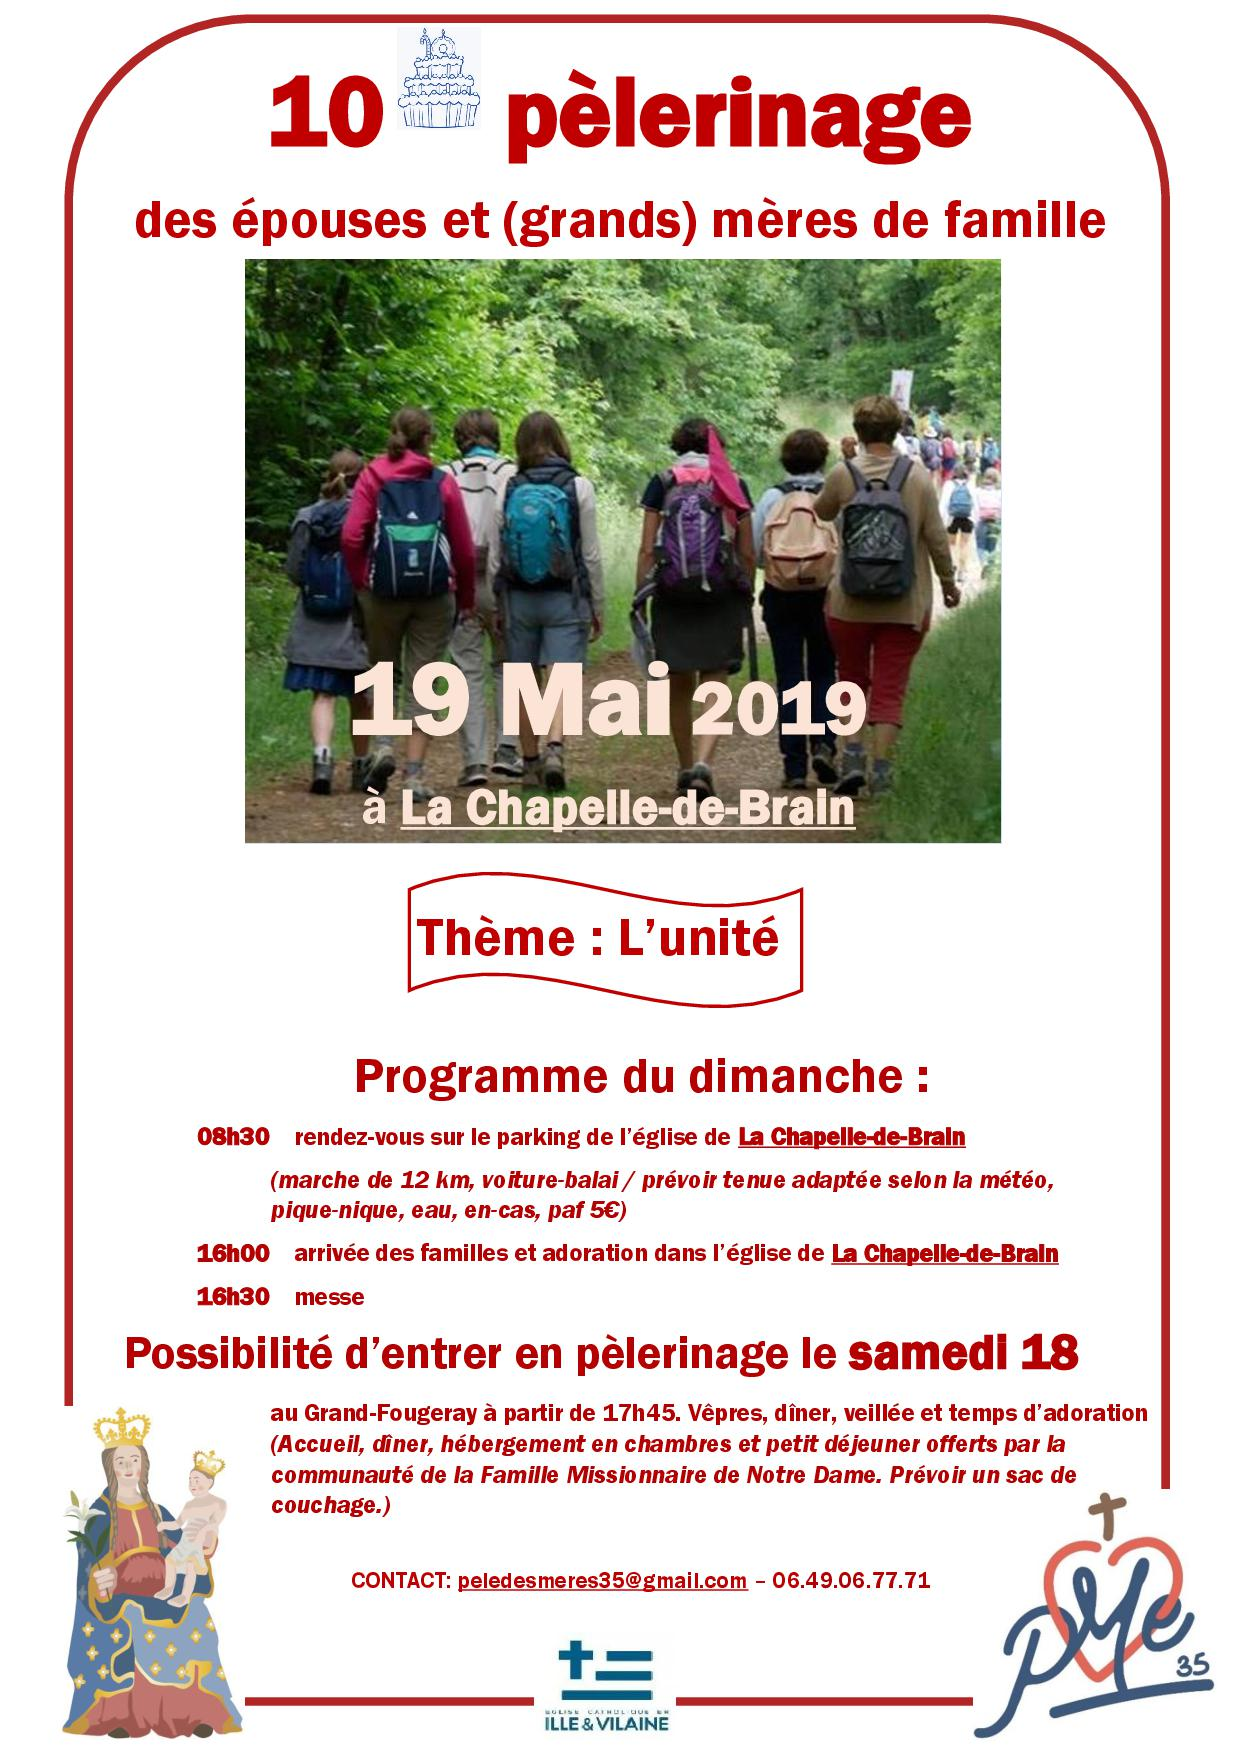 Pèlerinage des épouses et mères de famille d'Ille et Vilaine le 19 mai 2019 à La Chapelle-de-Brain (35)